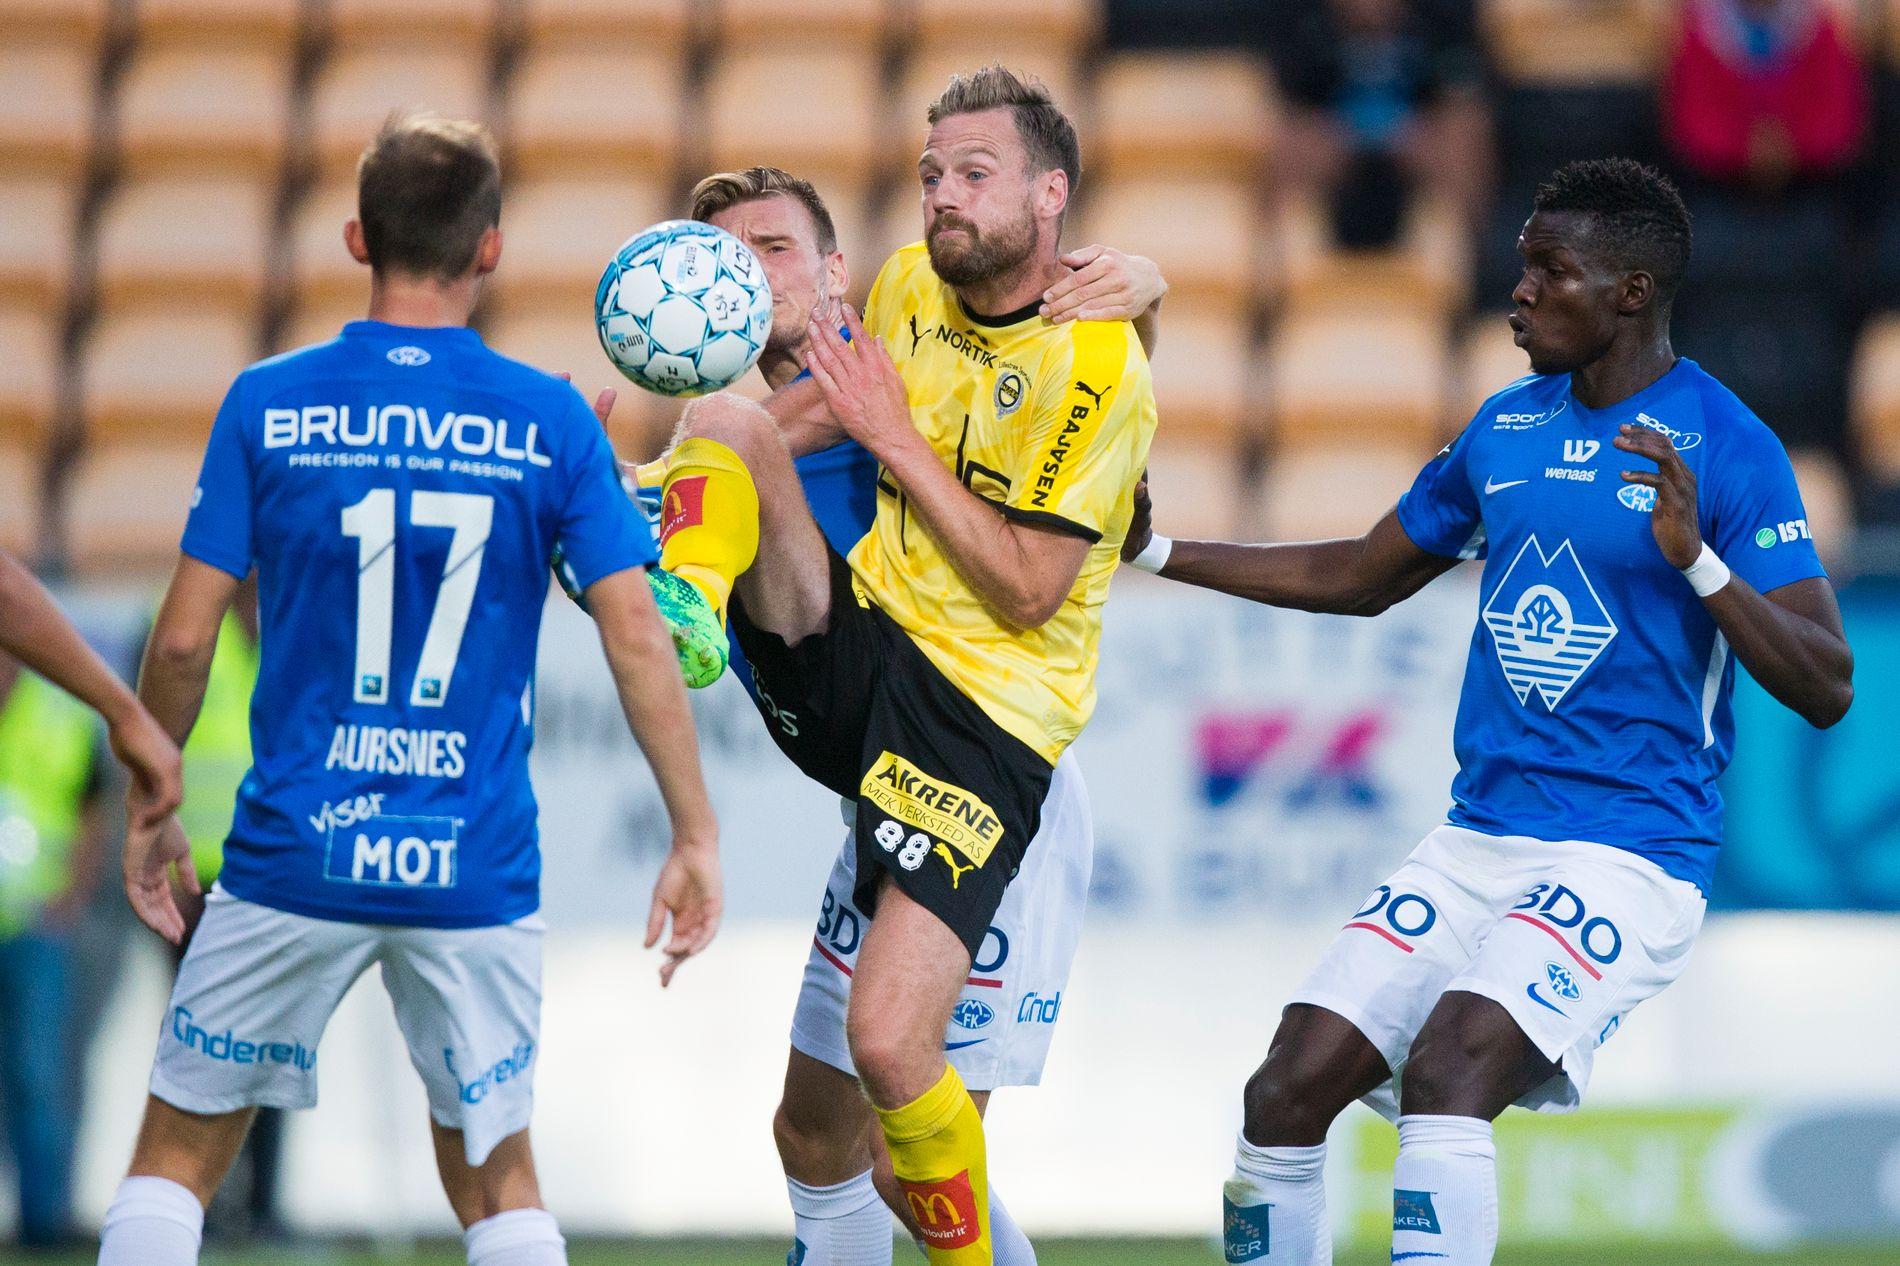 MÅL I FØRSTE KAMP: Arnór Smárason scoret allerede i første kamp for Lillestrøm i eliteseriekampen mot Molde.